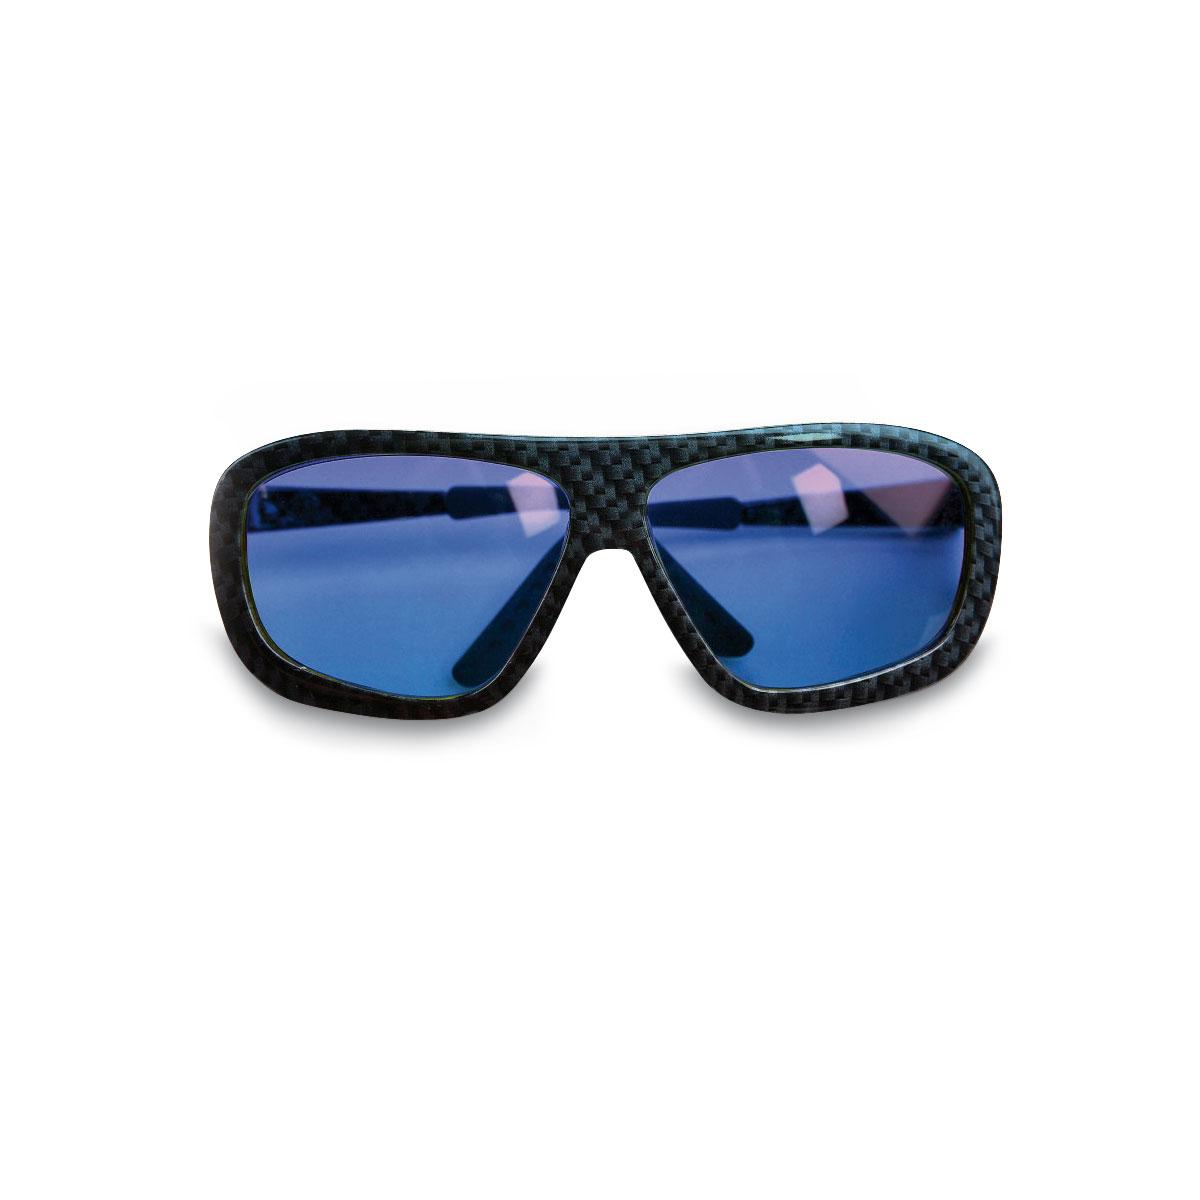 Laser Safety Glasses Red Laser Light W14245 1008815